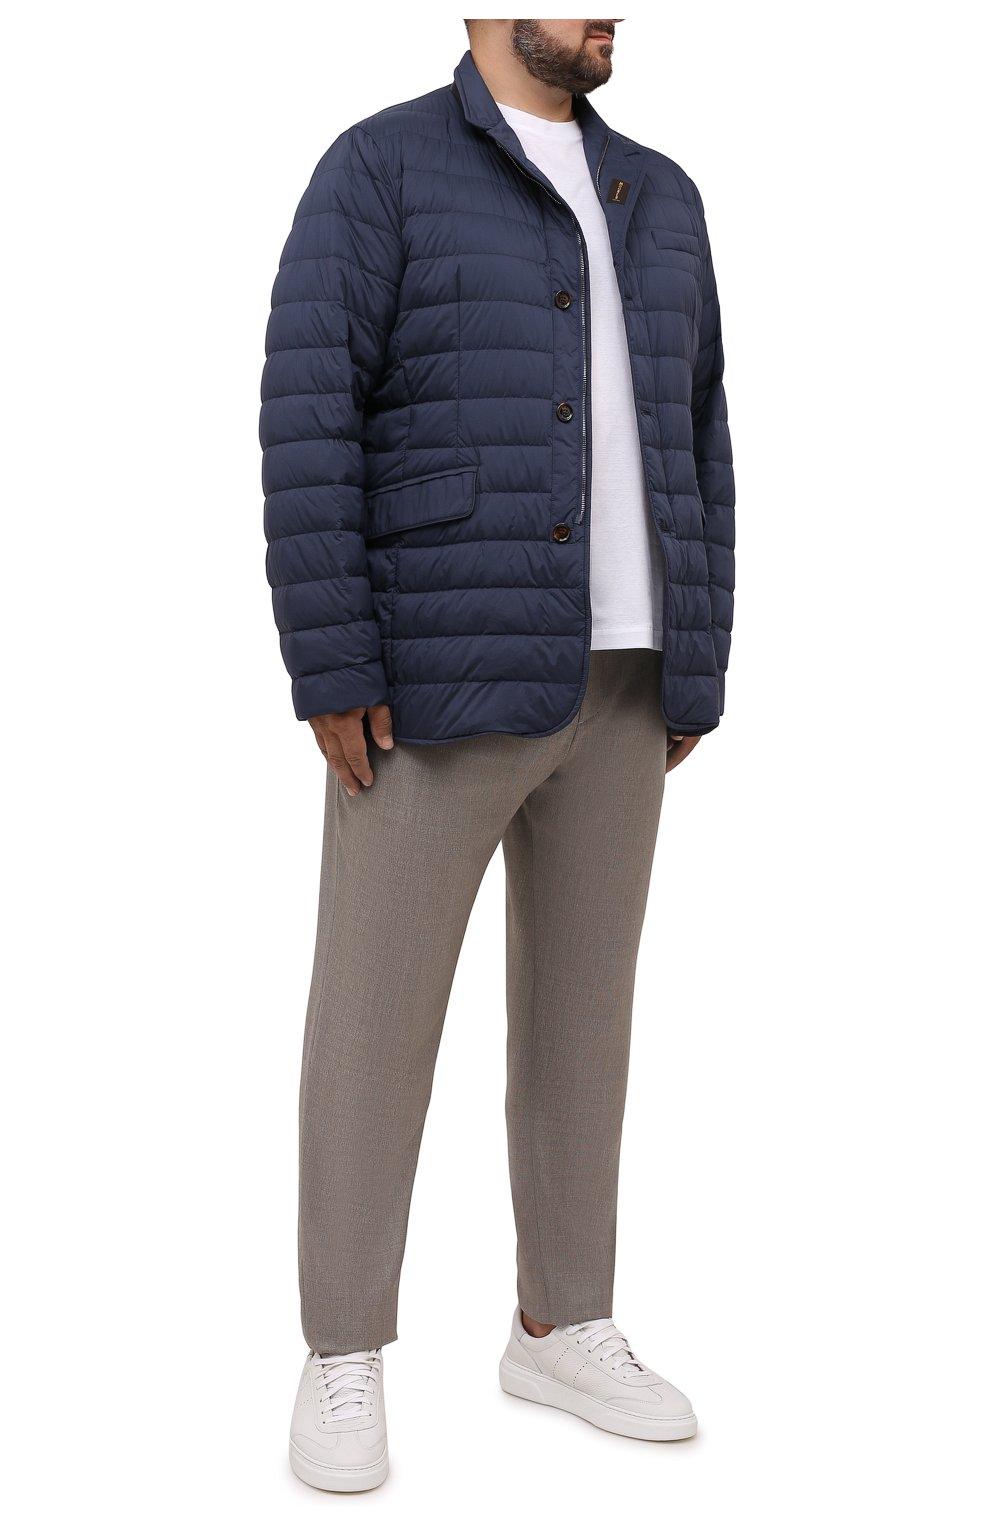 Мужская пуховая куртка zavyer-s3 MOORER синего цвета, арт. ZAVYER-S3/M0UGI100071-TEPA028/60-68   Фото 2 (Кросс-КТ: Куртка, Пуховик; Мужское Кросс-КТ: пуховик-короткий; Рукава: Длинные; Длина (верхняя одежда): До середины бедра; Материал внешний: Синтетический материал; Стили: Классический; Материал подклада: Синтетический материал; Материал утеплителя: Пух и перо)